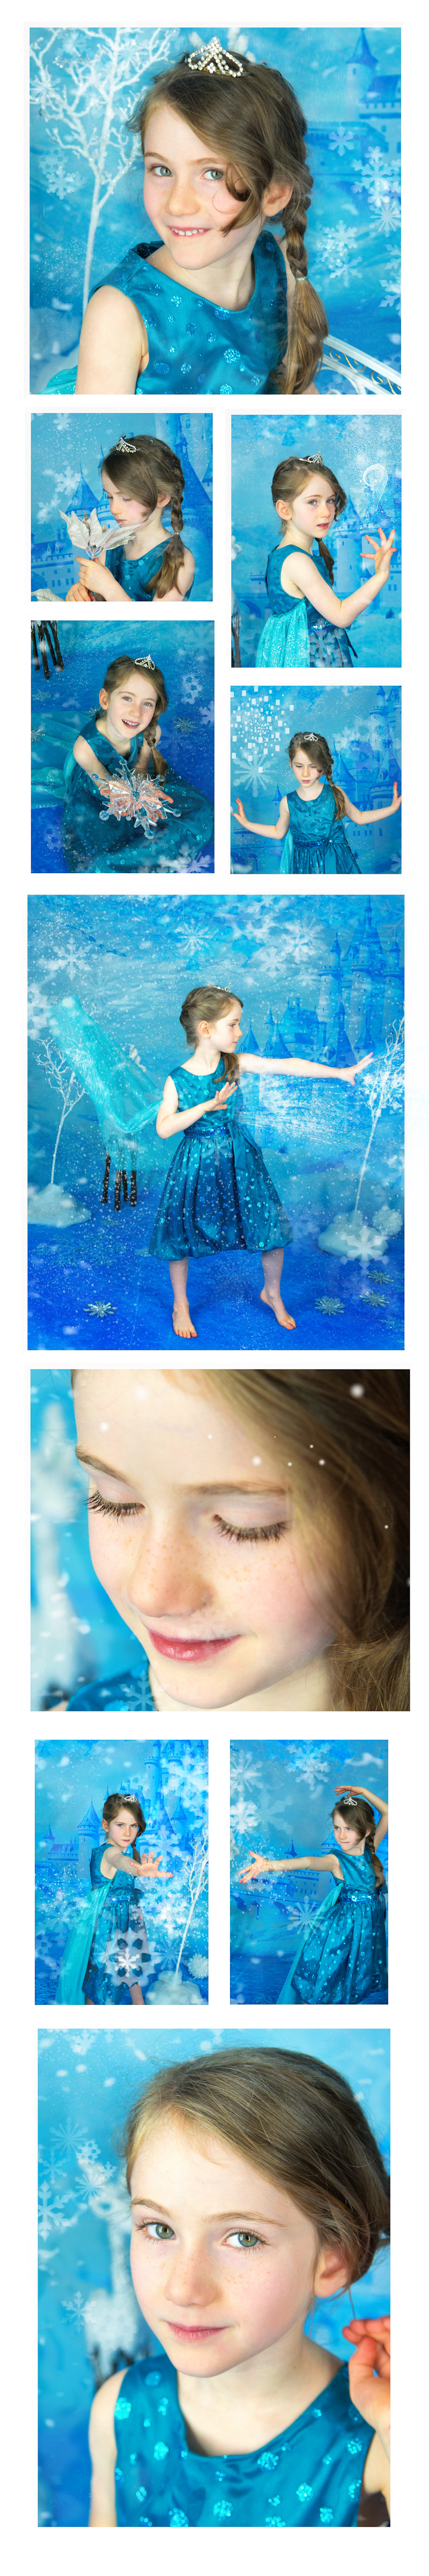 ice-princess-free-lense-photo.jpg